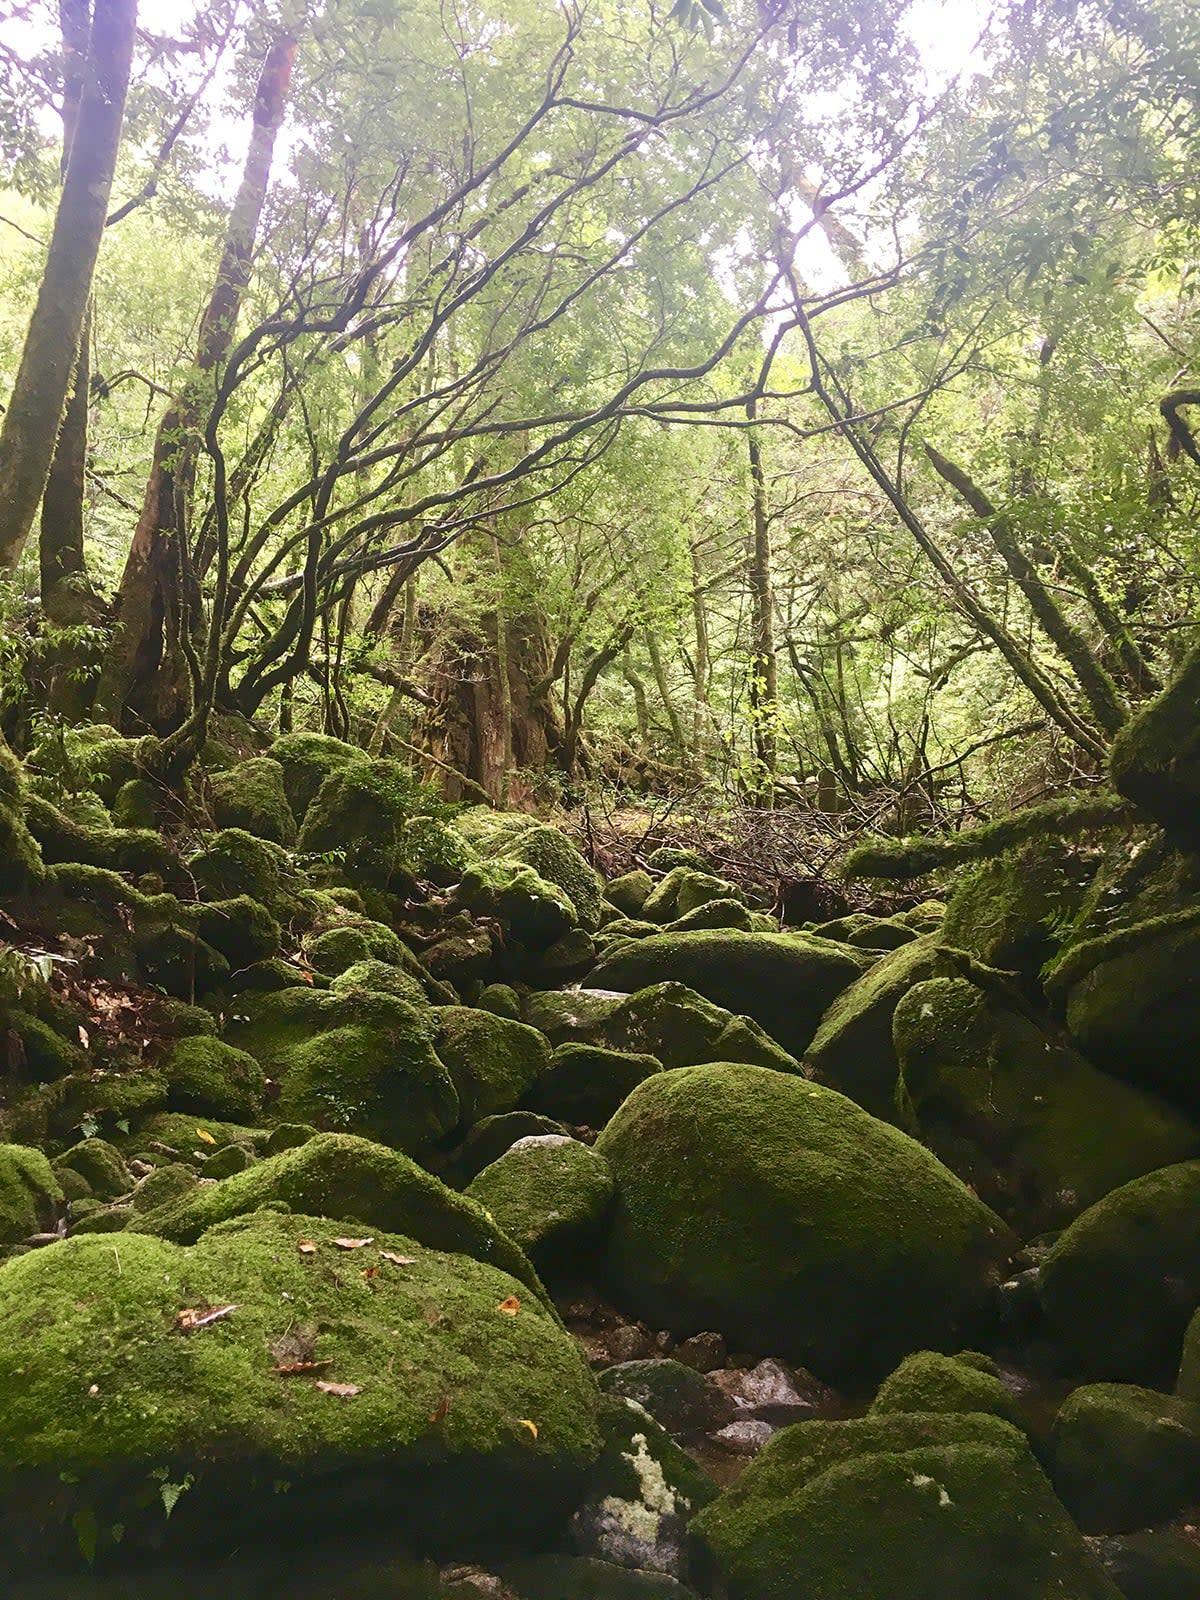 du lịch yakushima - đá phủ rêu